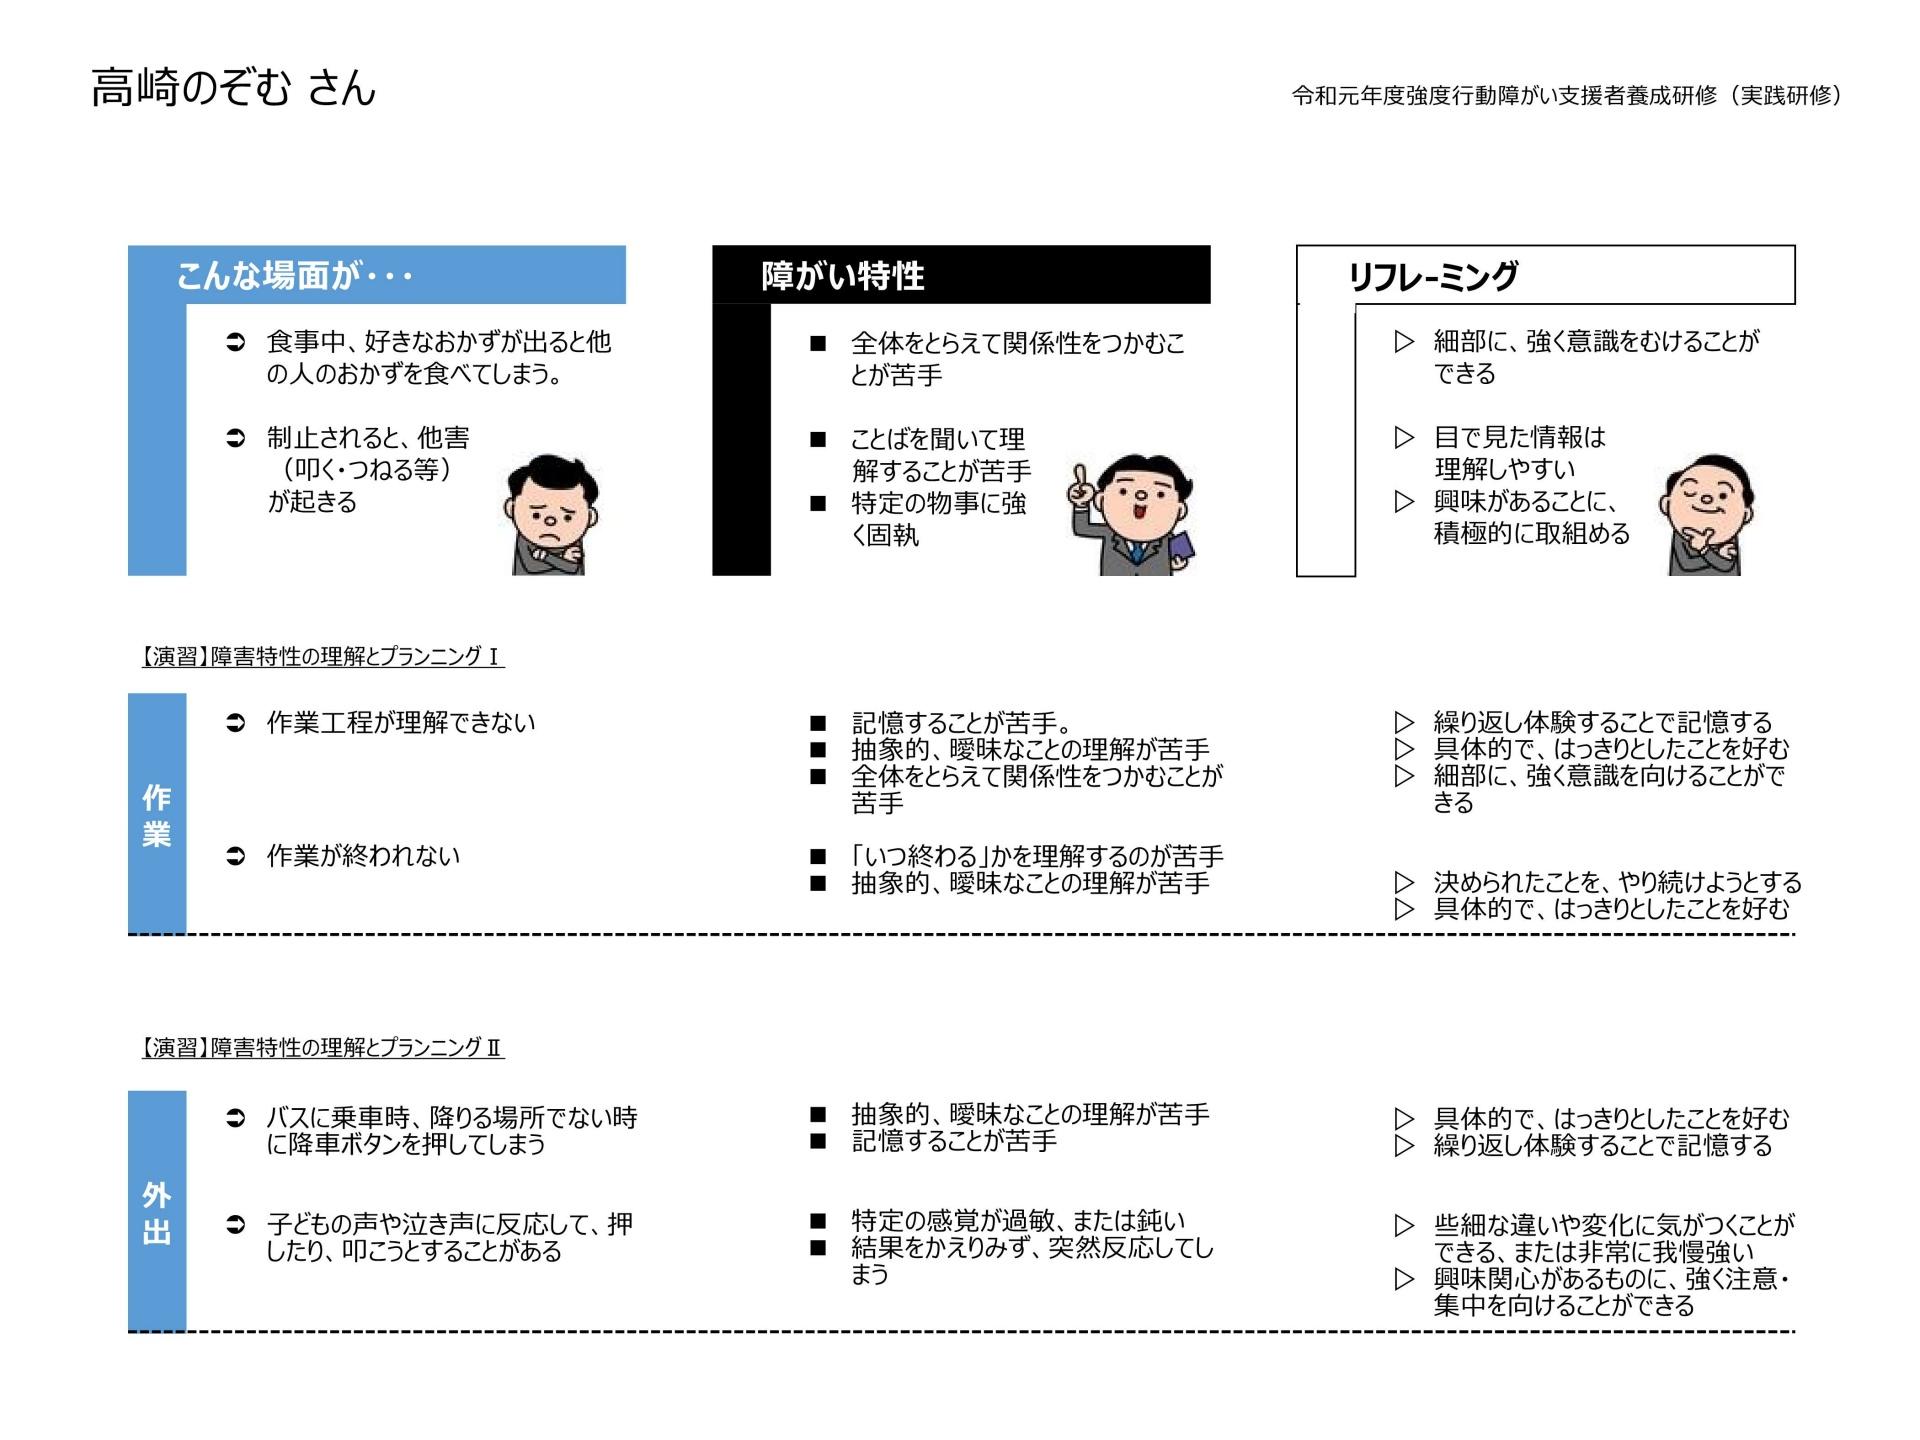 巻末2障害特性ヒントシート(実践研修)中南信例示用